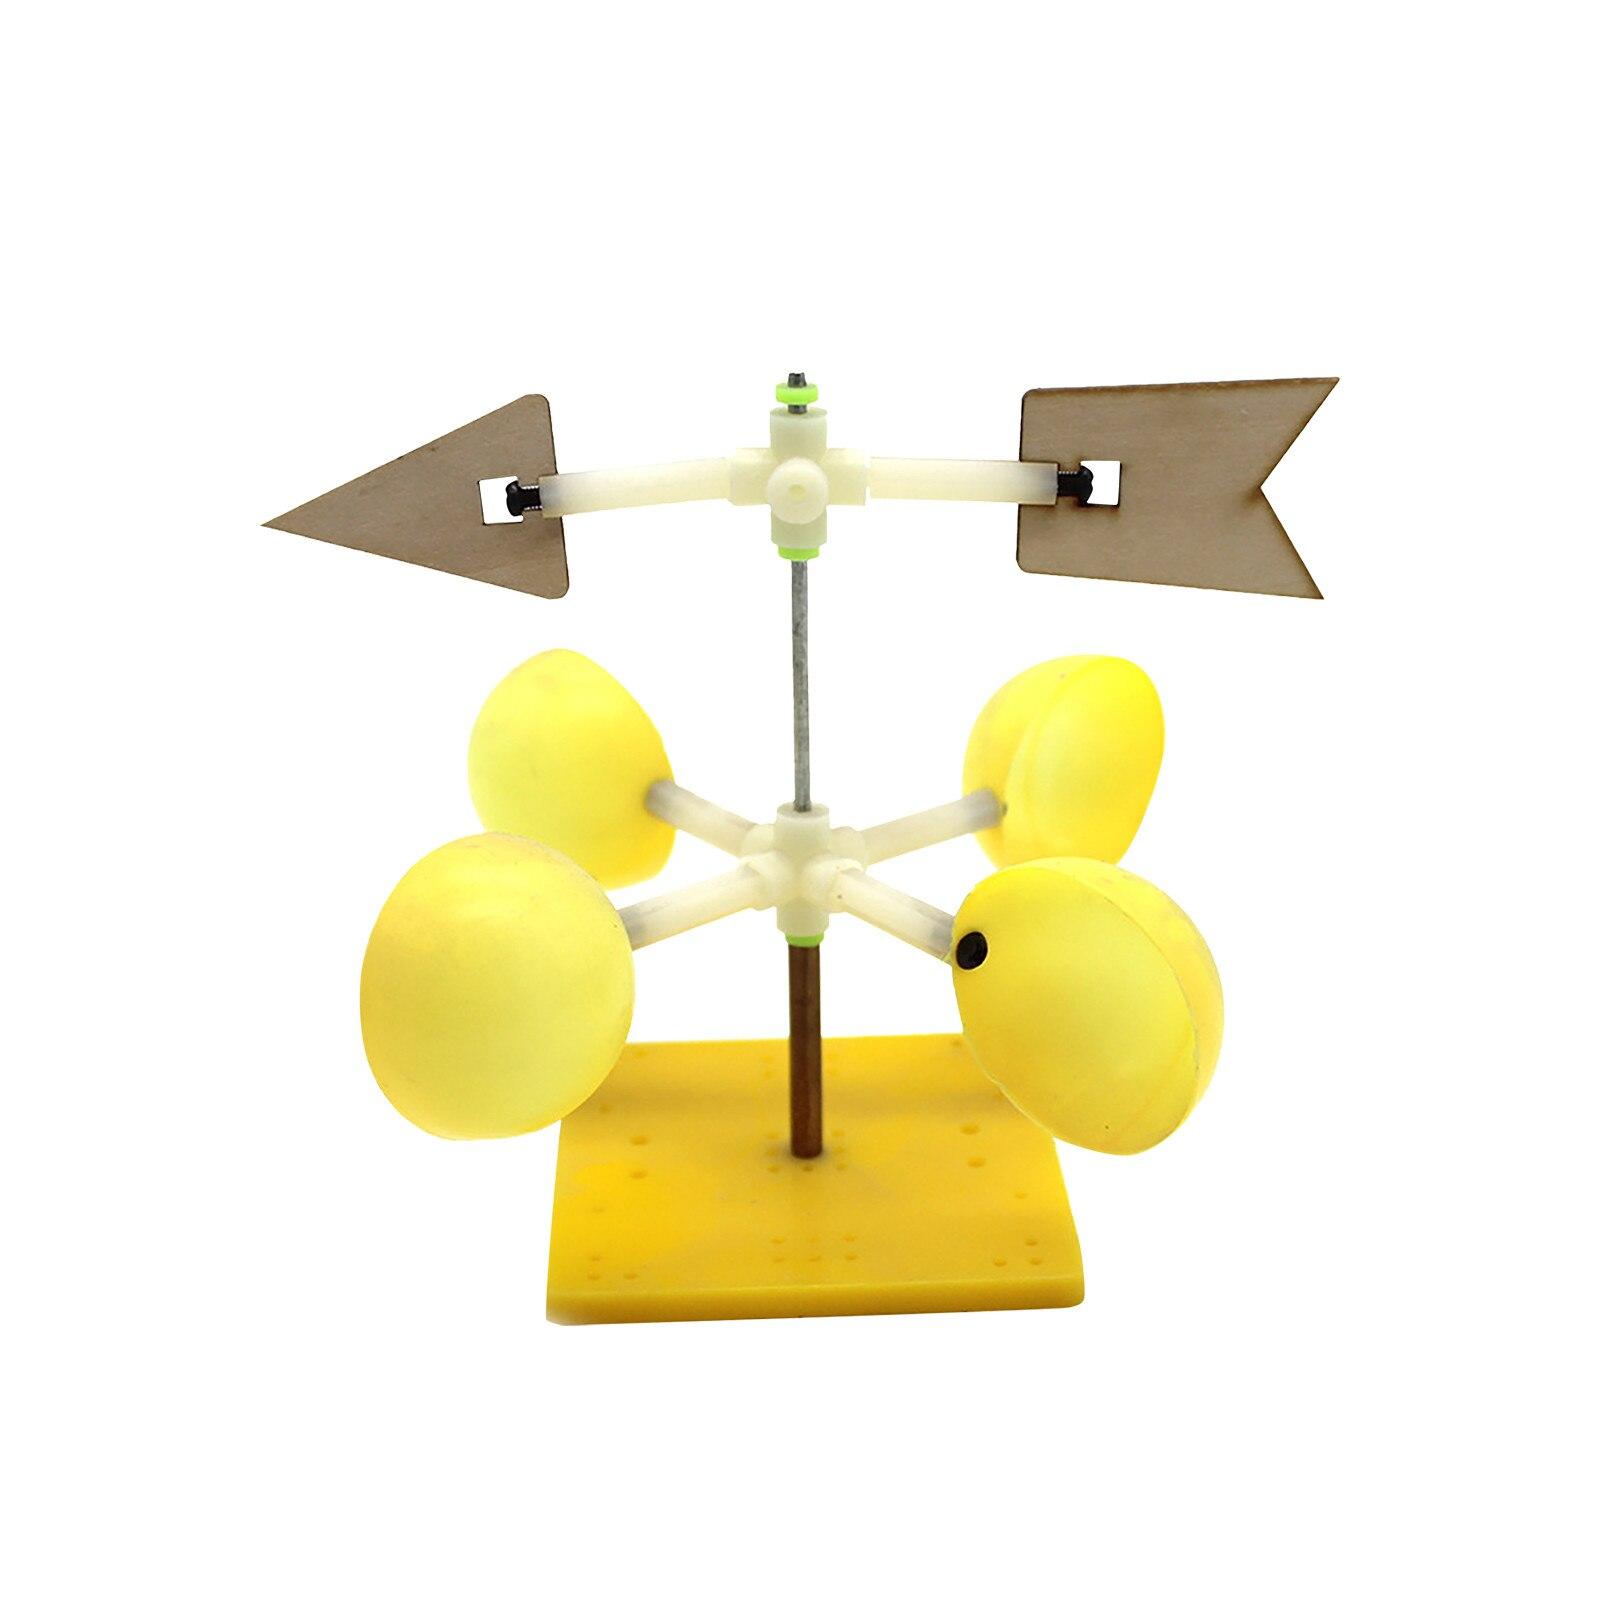 Brújula de viento de tecnología para manualidades, Material de experimento científico, paquete de modelo de paleta de viento para niños, Kit de modelo de paleta de viento DIY